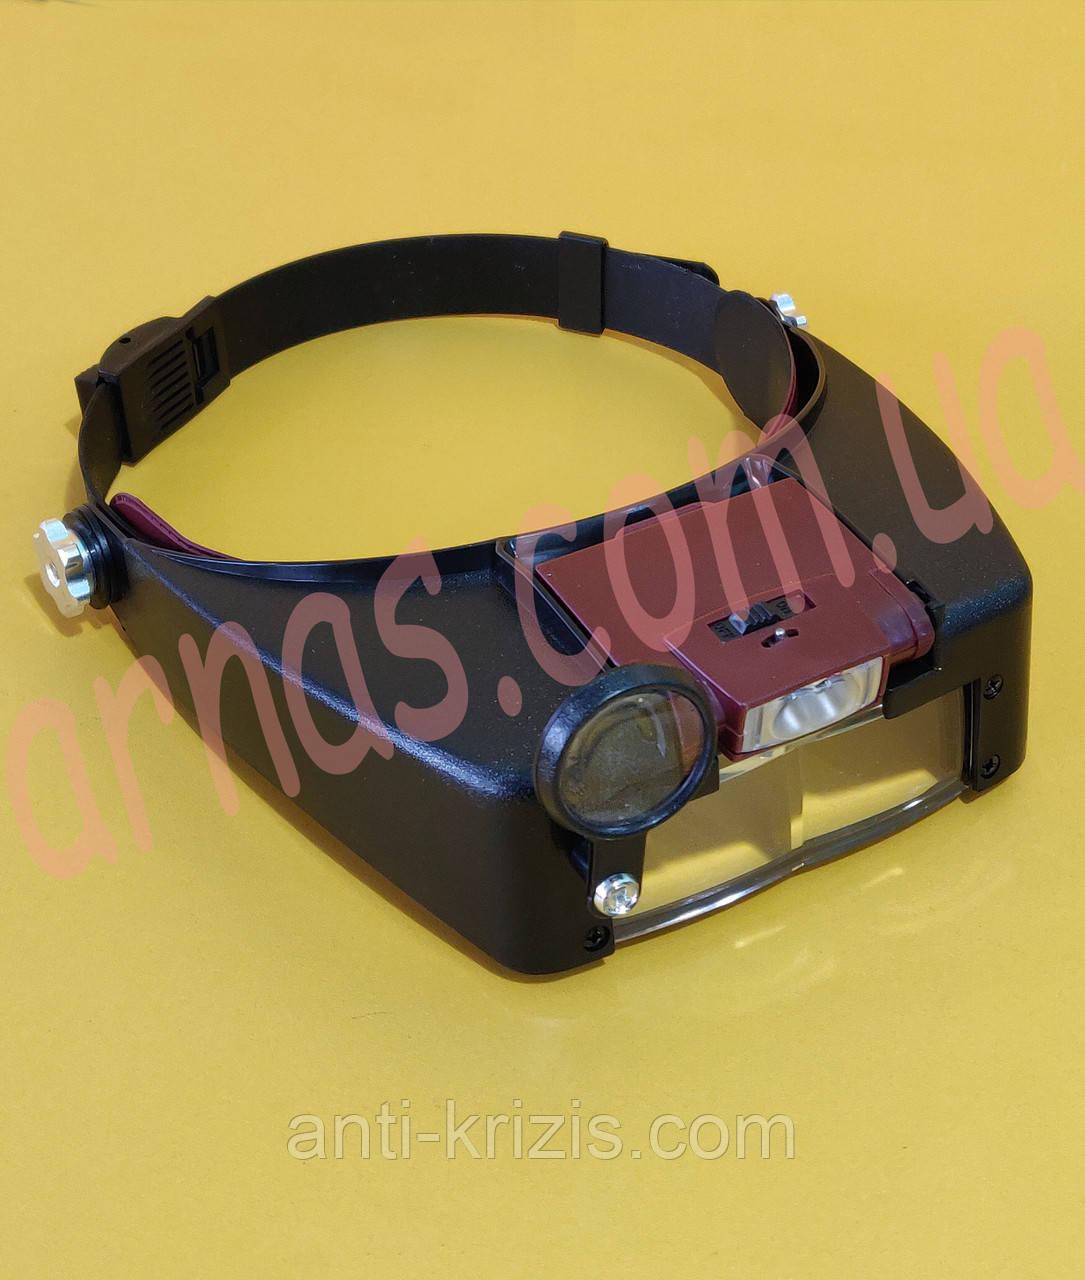 Бинокуляр окуляри бінокулярні зі світлодіодним підсвічуванням MG81007-A